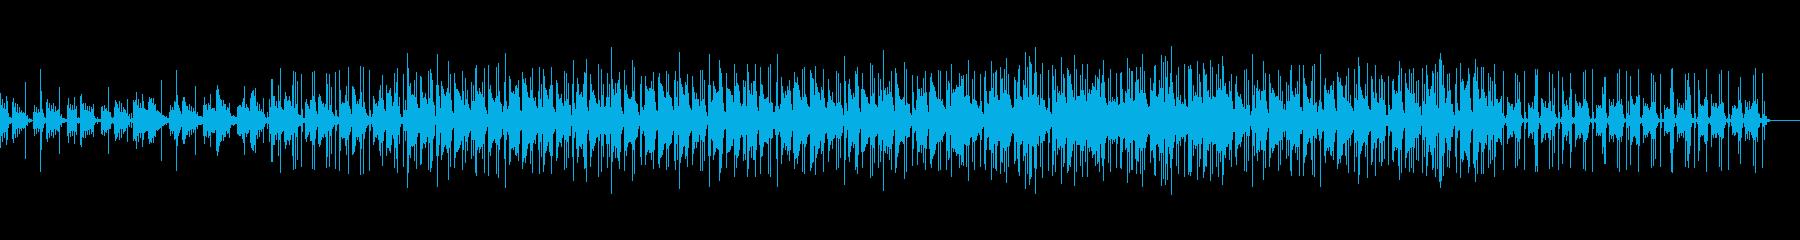 ラジカセで聞く様な音質のBGMの再生済みの波形